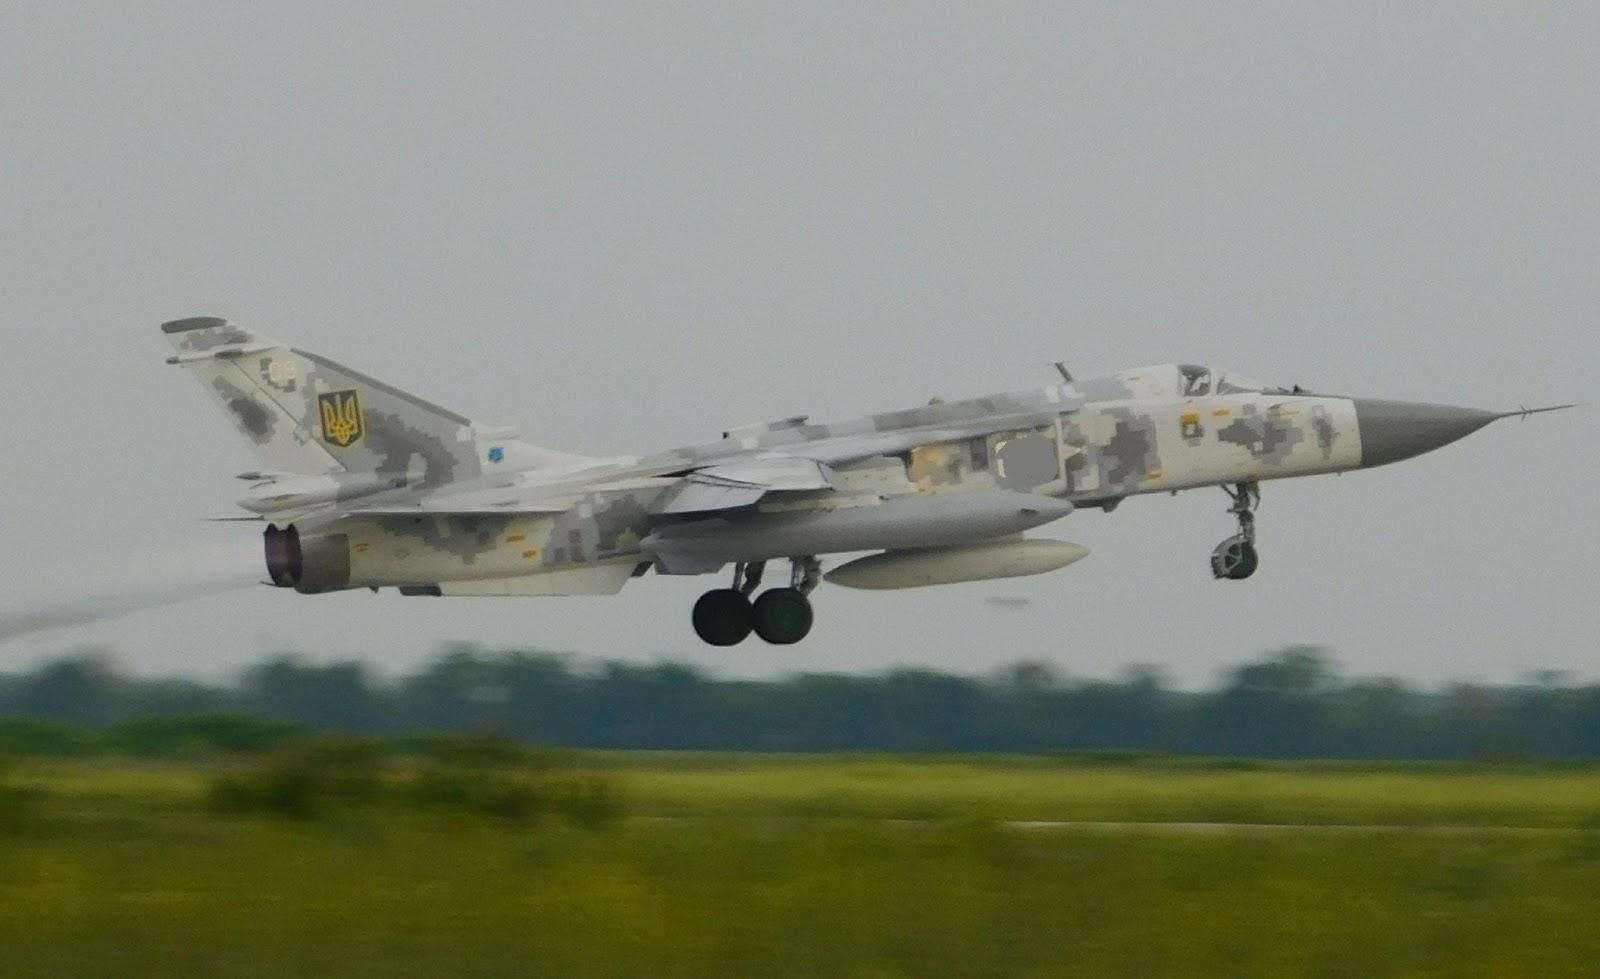 Бригада тактичної авіації пс зсу отримала відремонтований бомбардувальник Су-24М